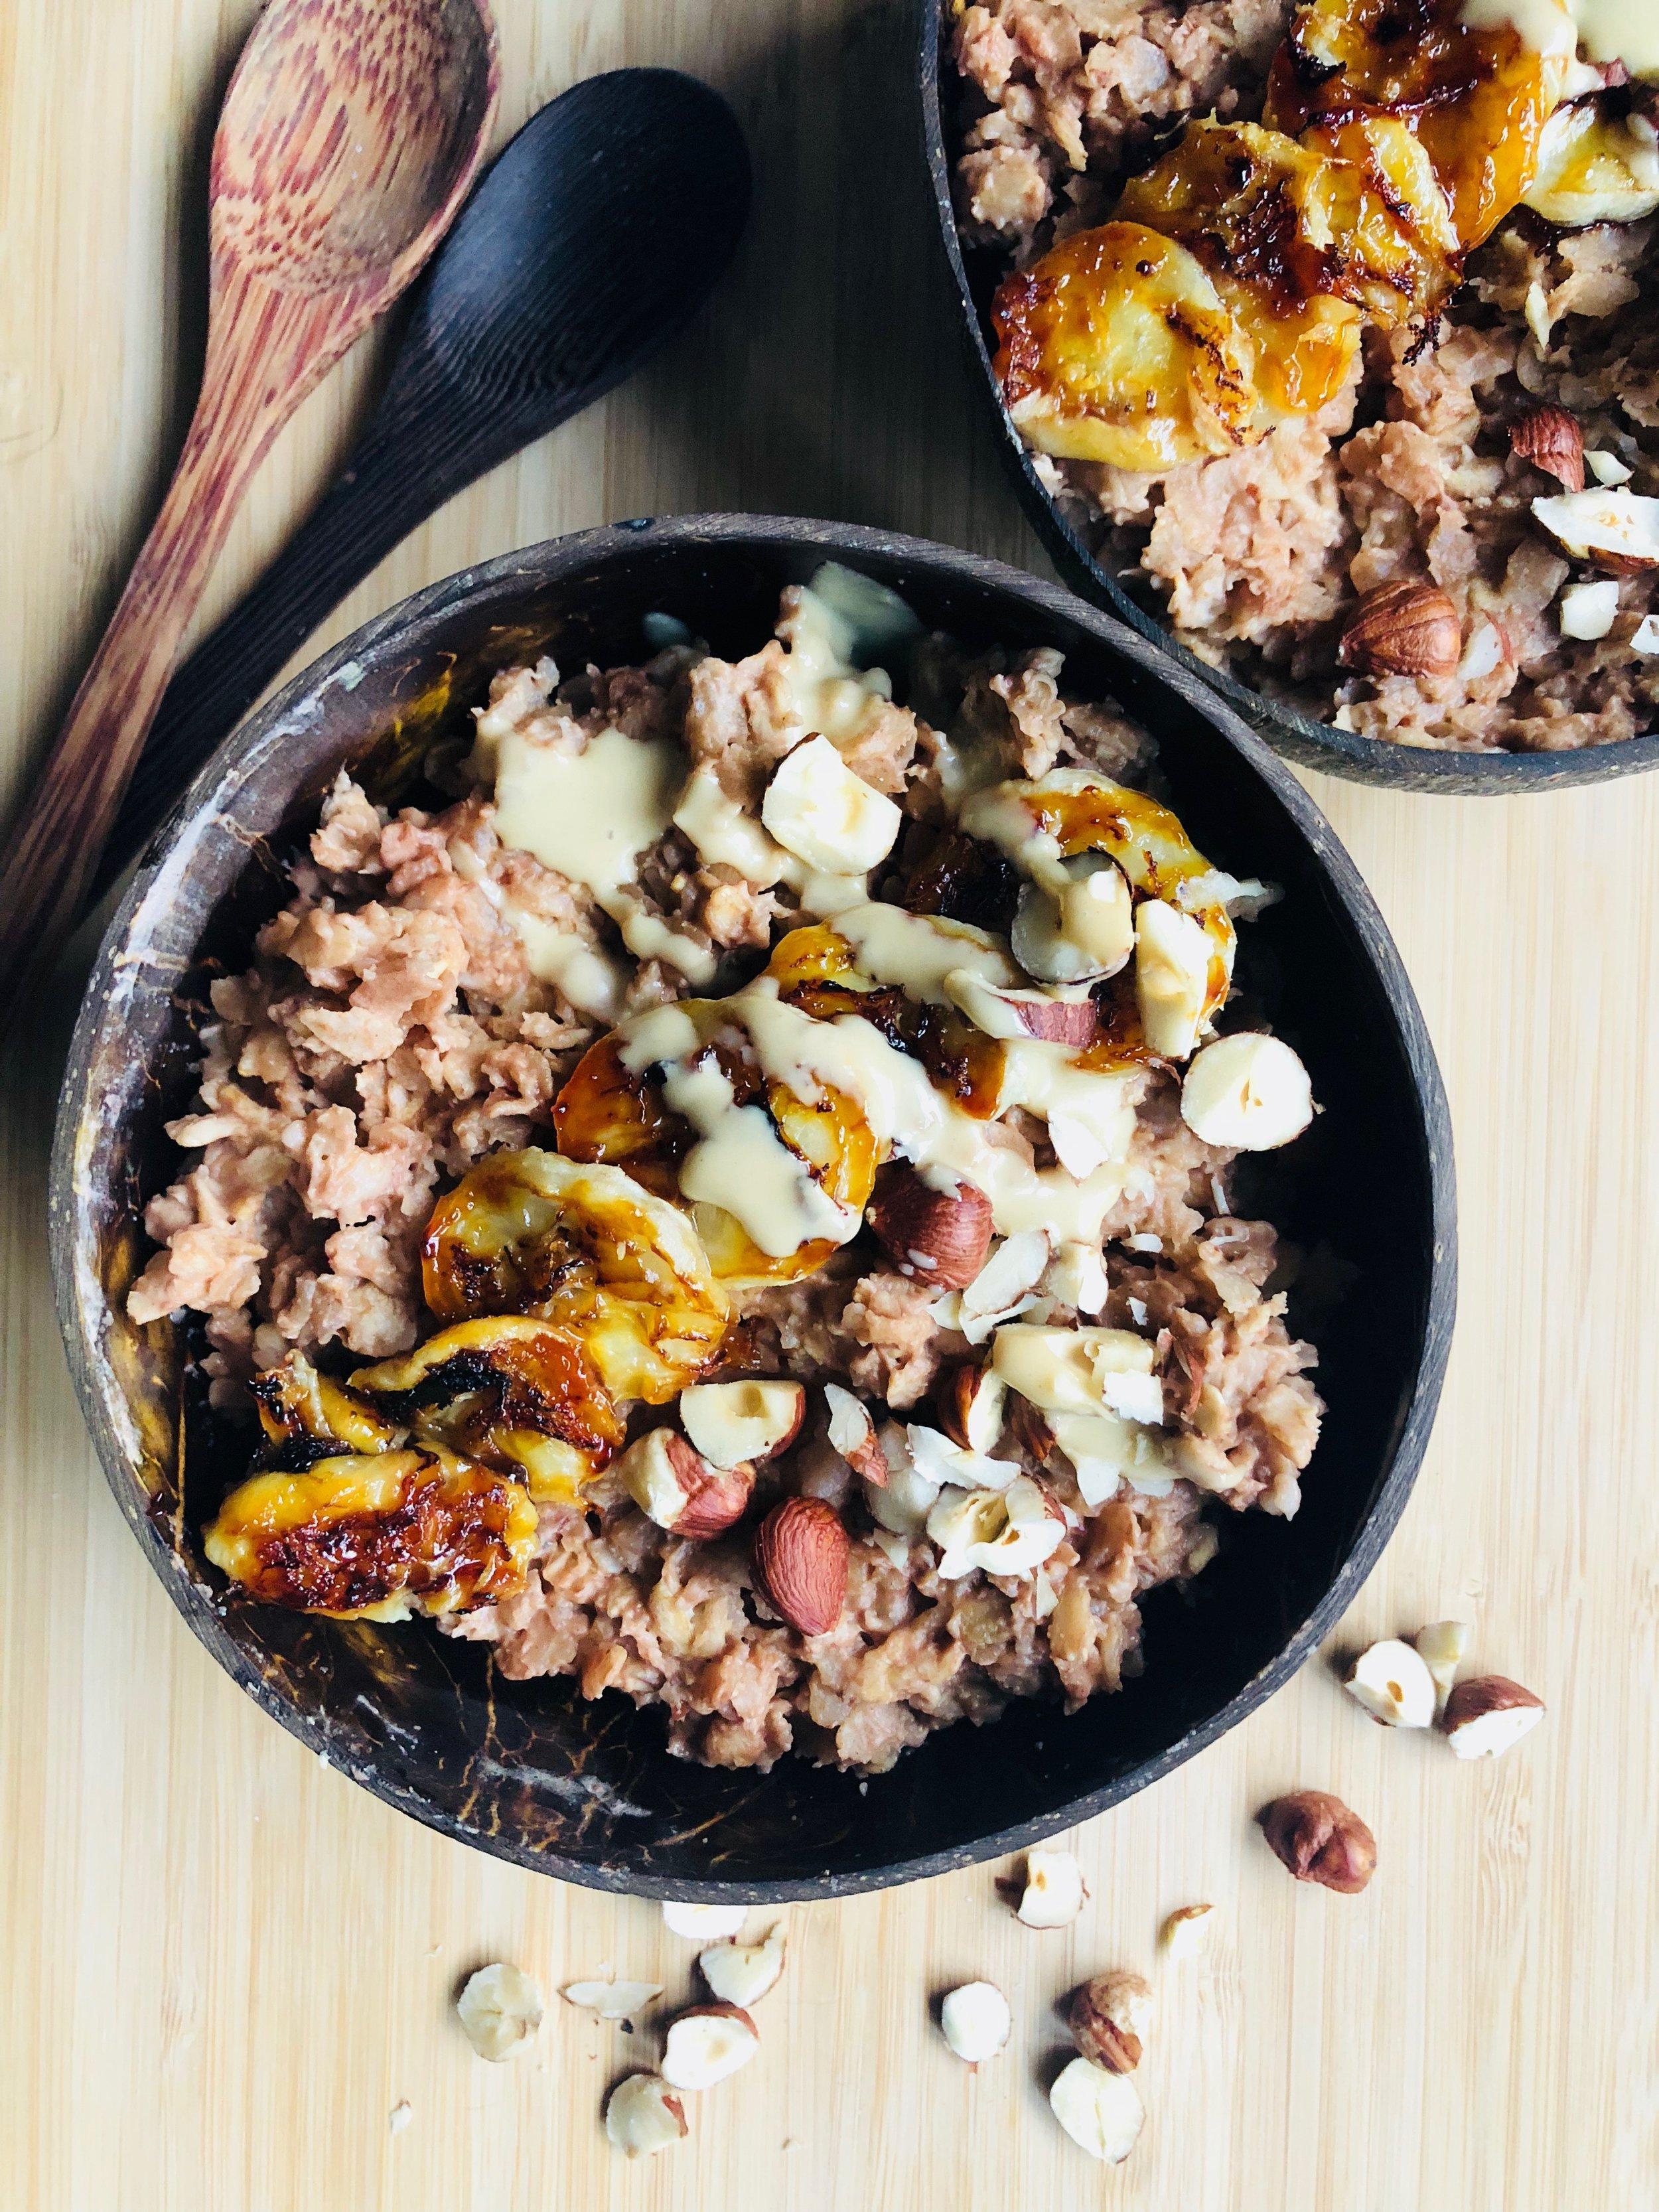 Choc-Hazelnut Porridge with Grilled Bananas